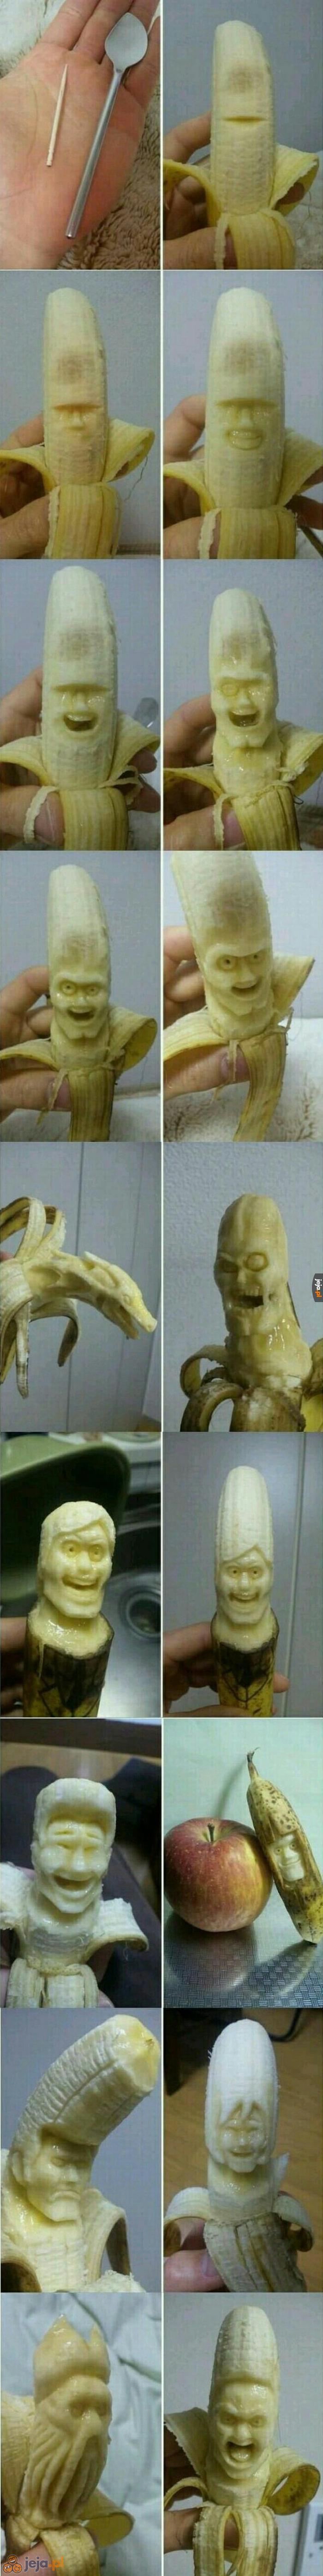 Bananowa sztuka